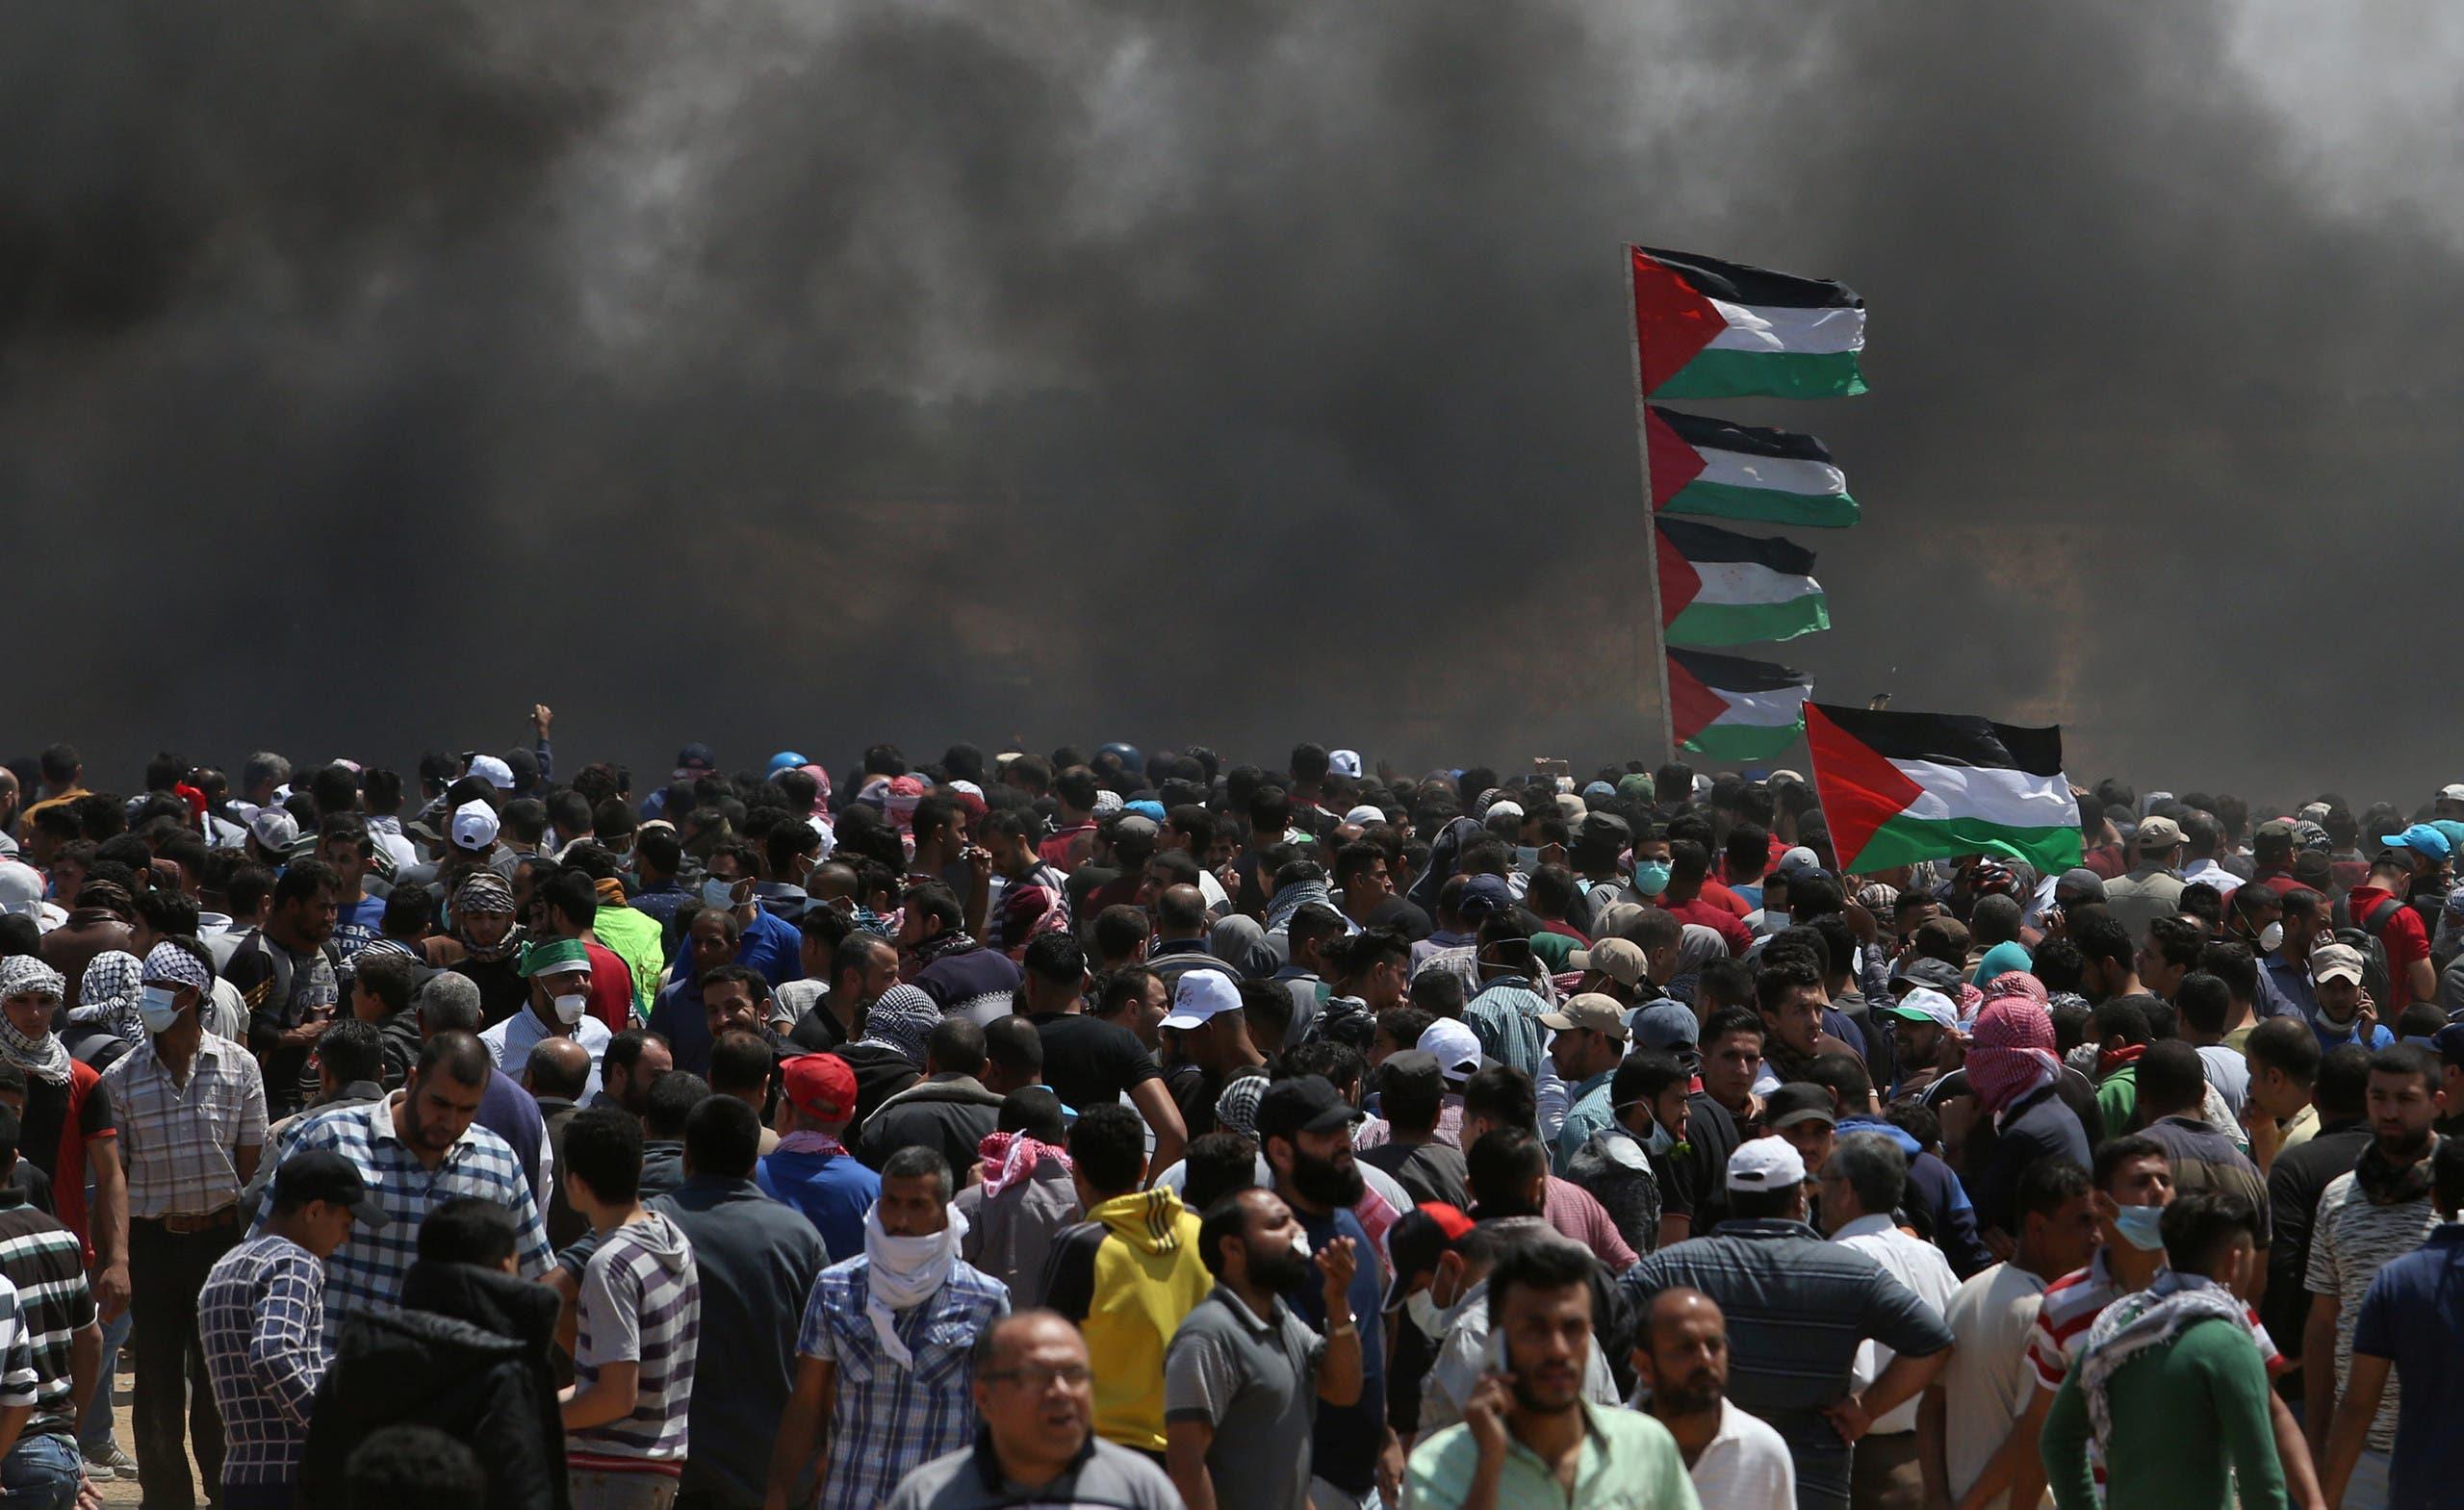 ومن بين القتلى ثمانية أطفال تقل أعمارهم عن 16 عاما، وفقا للمبعوث الفلسطيني لدى الأمم المتحدة.